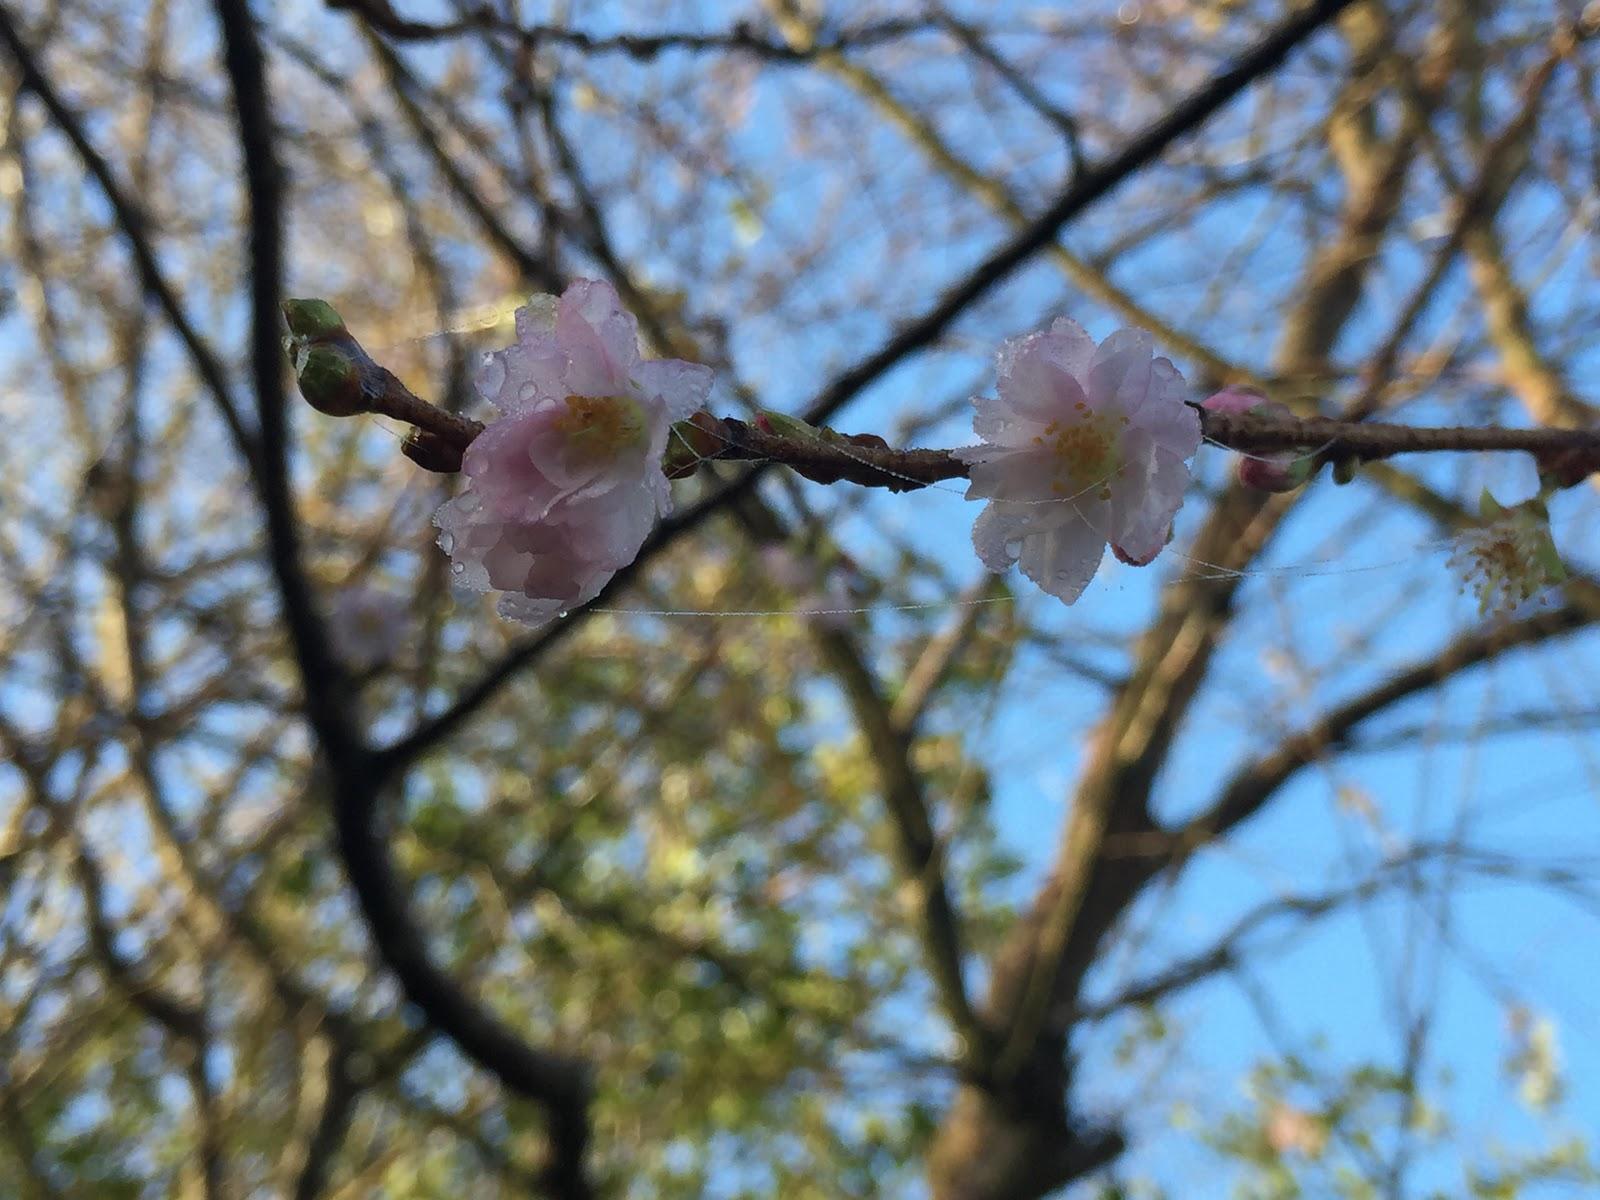 prunus sub autumnalis rosea - autumn - winter flowering cherry